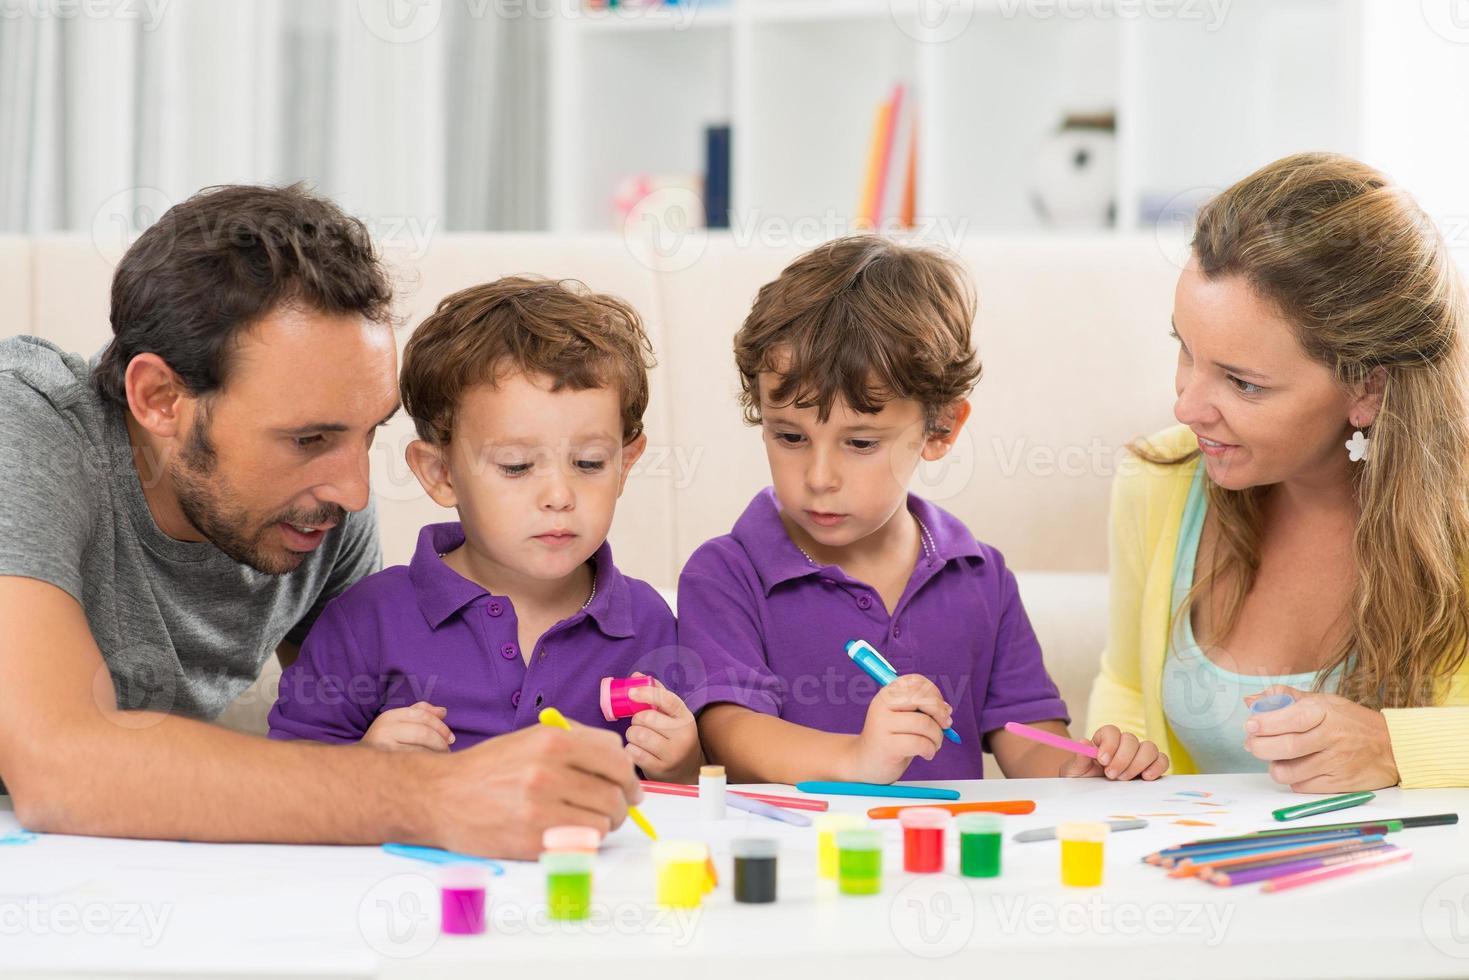 Familienmalerei foto